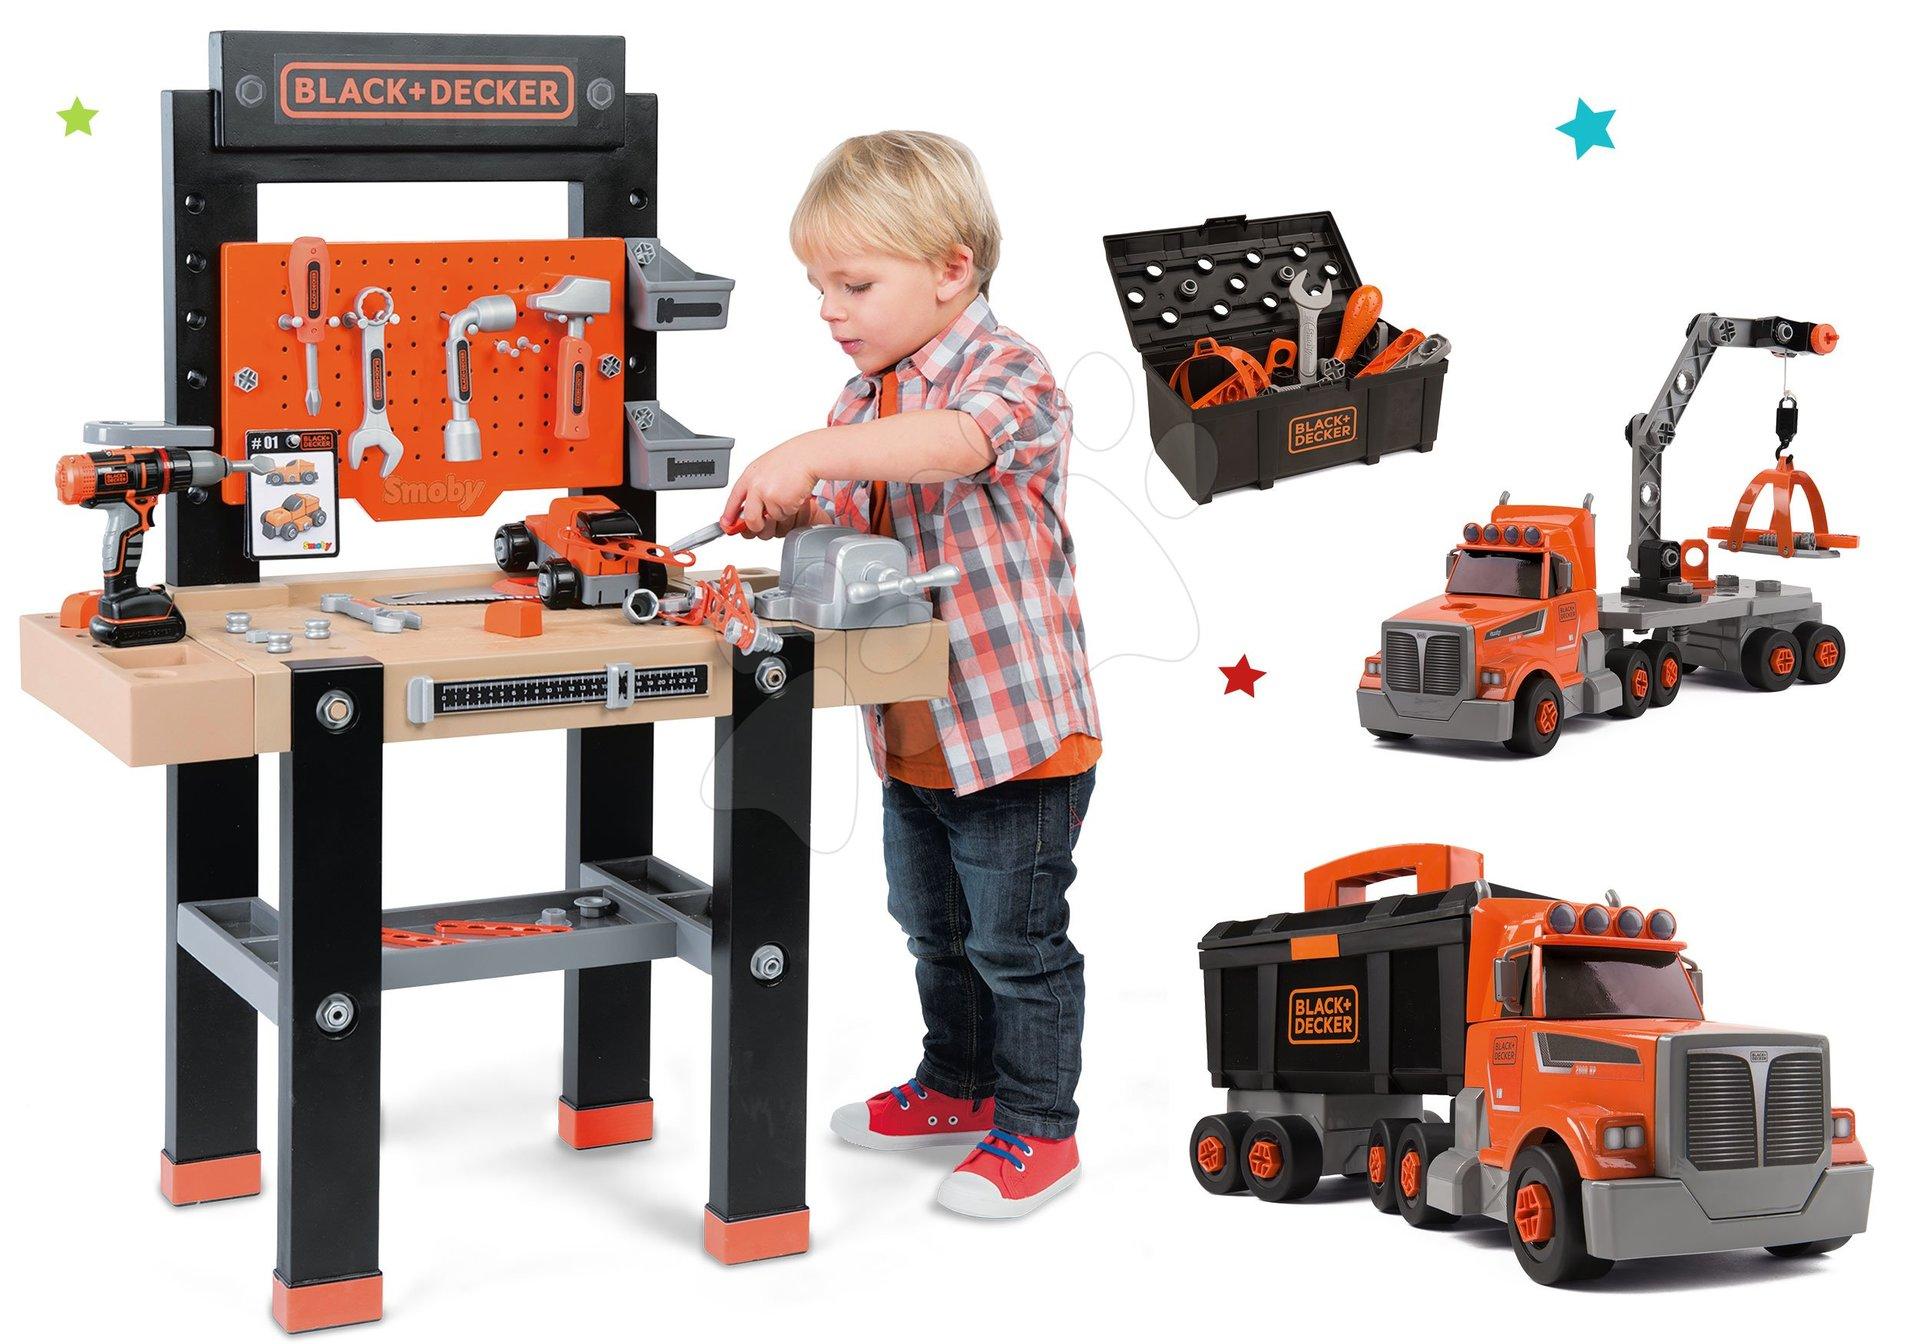 Dětská dílna sety - Dětská pracovní dílna s vrtačkou Black+Decker Smoby a kamion s pracovním kufříkem a nářadím